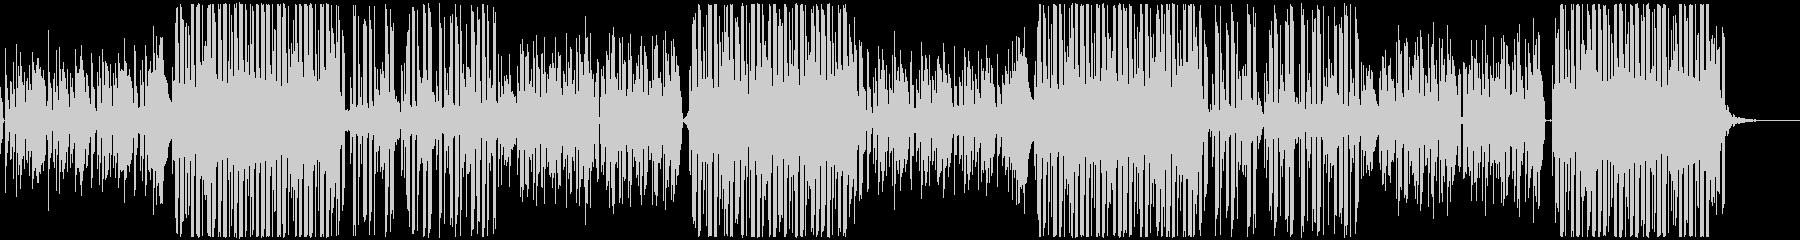 クール・スタイリッシュ・EDM・9の未再生の波形